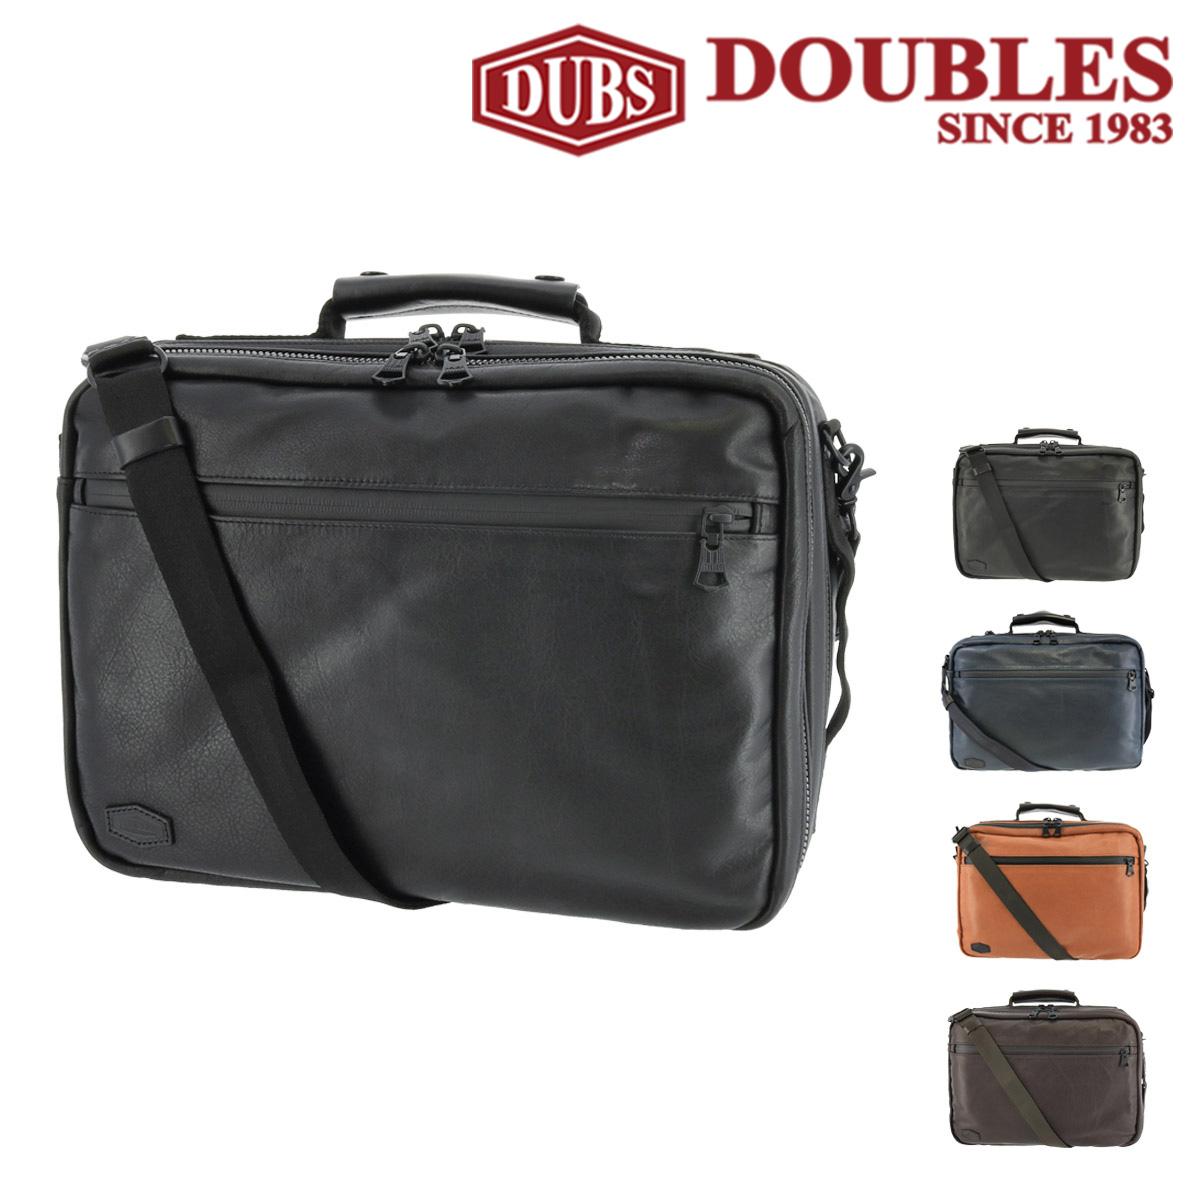 ダブルス ブリーフケース 3WAY メンズ 7191 DOUBLES | ビジネスバッグ バックパック リュック ショルダーバッグ 牛革 本革 レザー [PO10][bef][即日発送]